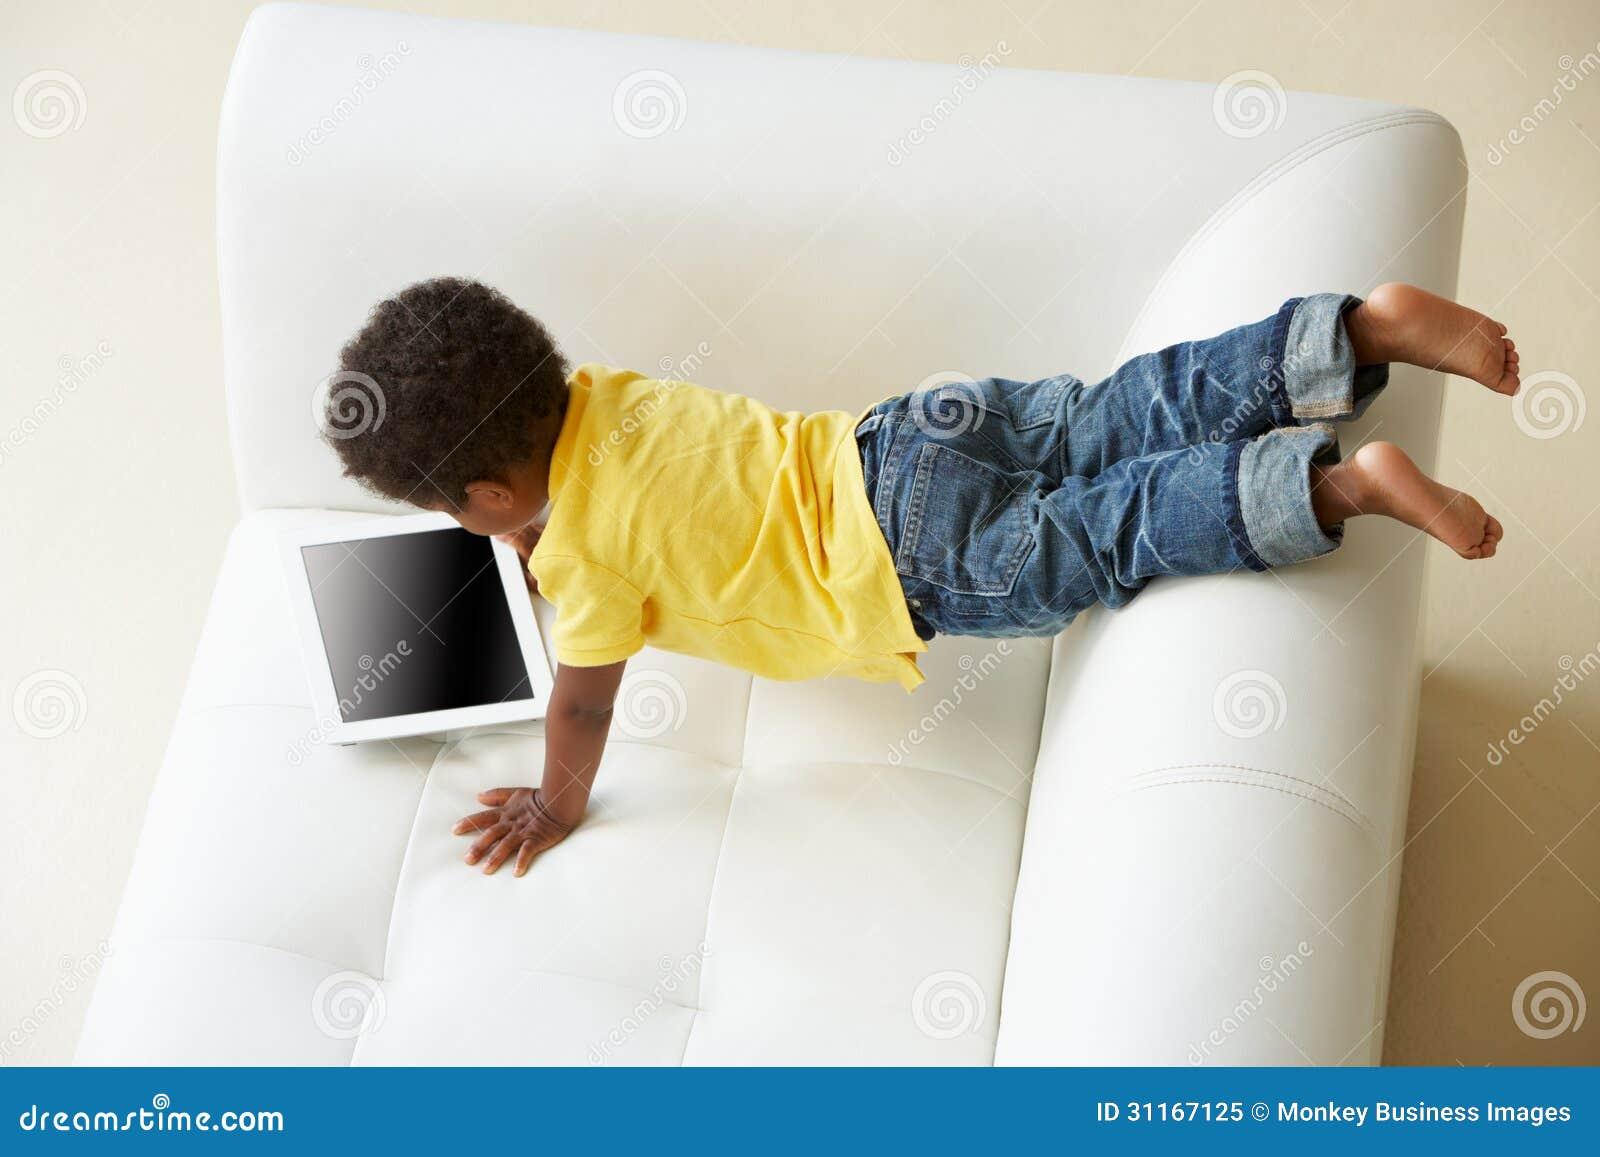 boy sofa images. Black Bedroom Furniture Sets. Home Design Ideas